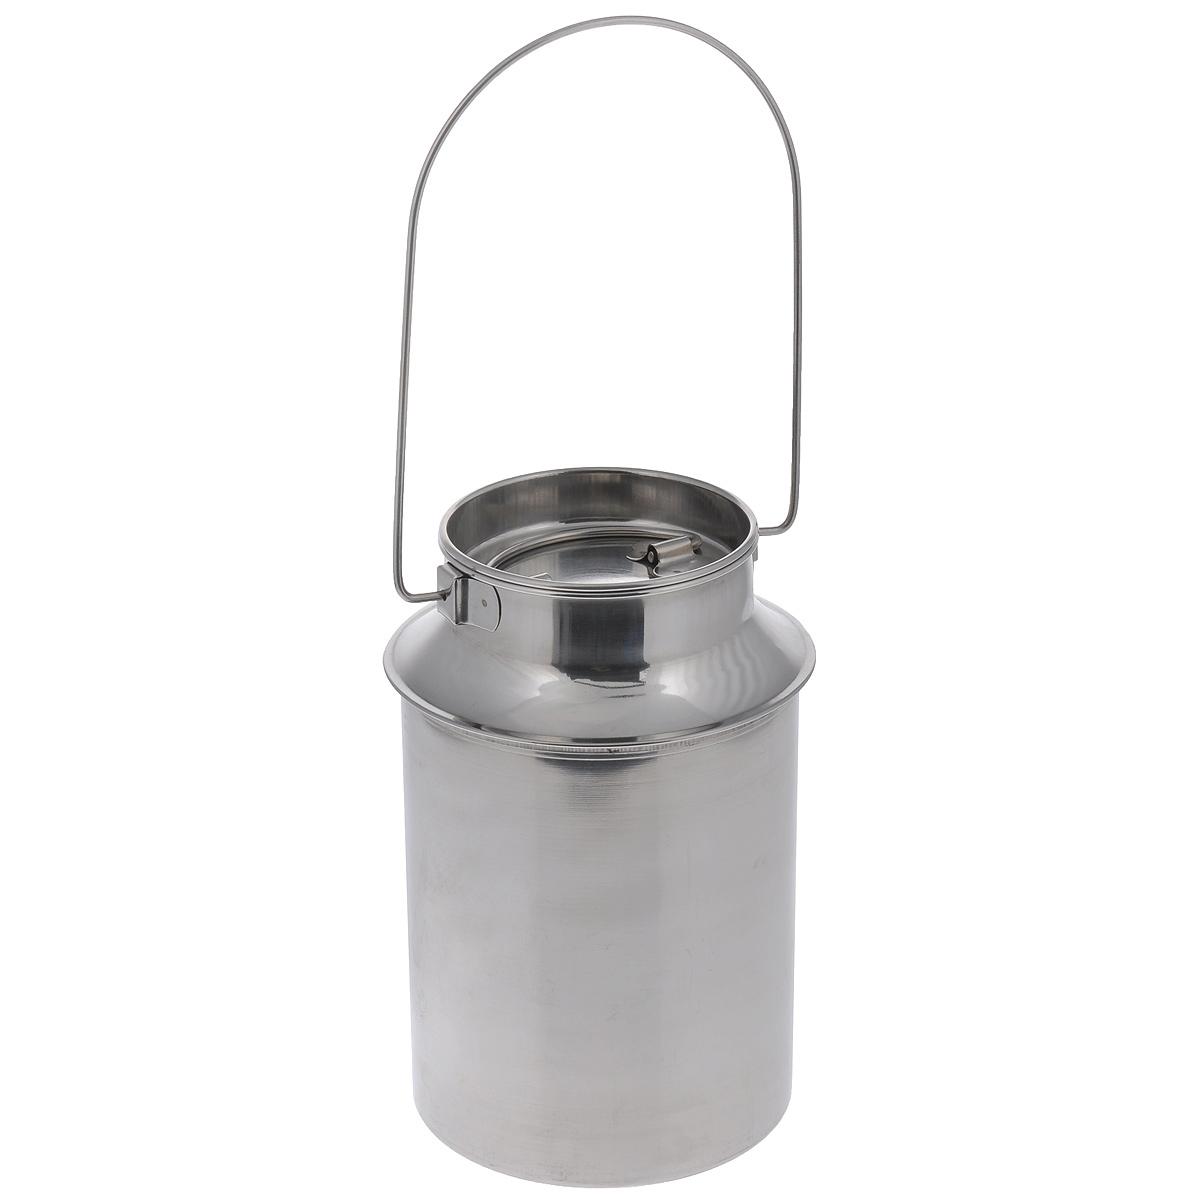 """Бидон """"Padia"""" предназначен для хранения и переноски пищевых продуктов, таких как молоко, вода и т.д. Изделие выполнено из высококачественной нержавеющей стали. Бидон оснащен ручкой для удобной переноски и крышкой.  Бидон """"Padia"""" станет незаменимым аксессуаром на вашей кухне.    Объем: 3 л. Высота бидона (без учета ручки): 24 см. Диаметр дна: 16,5 см. Диаметр (по верхнему краю): 12,5 см."""